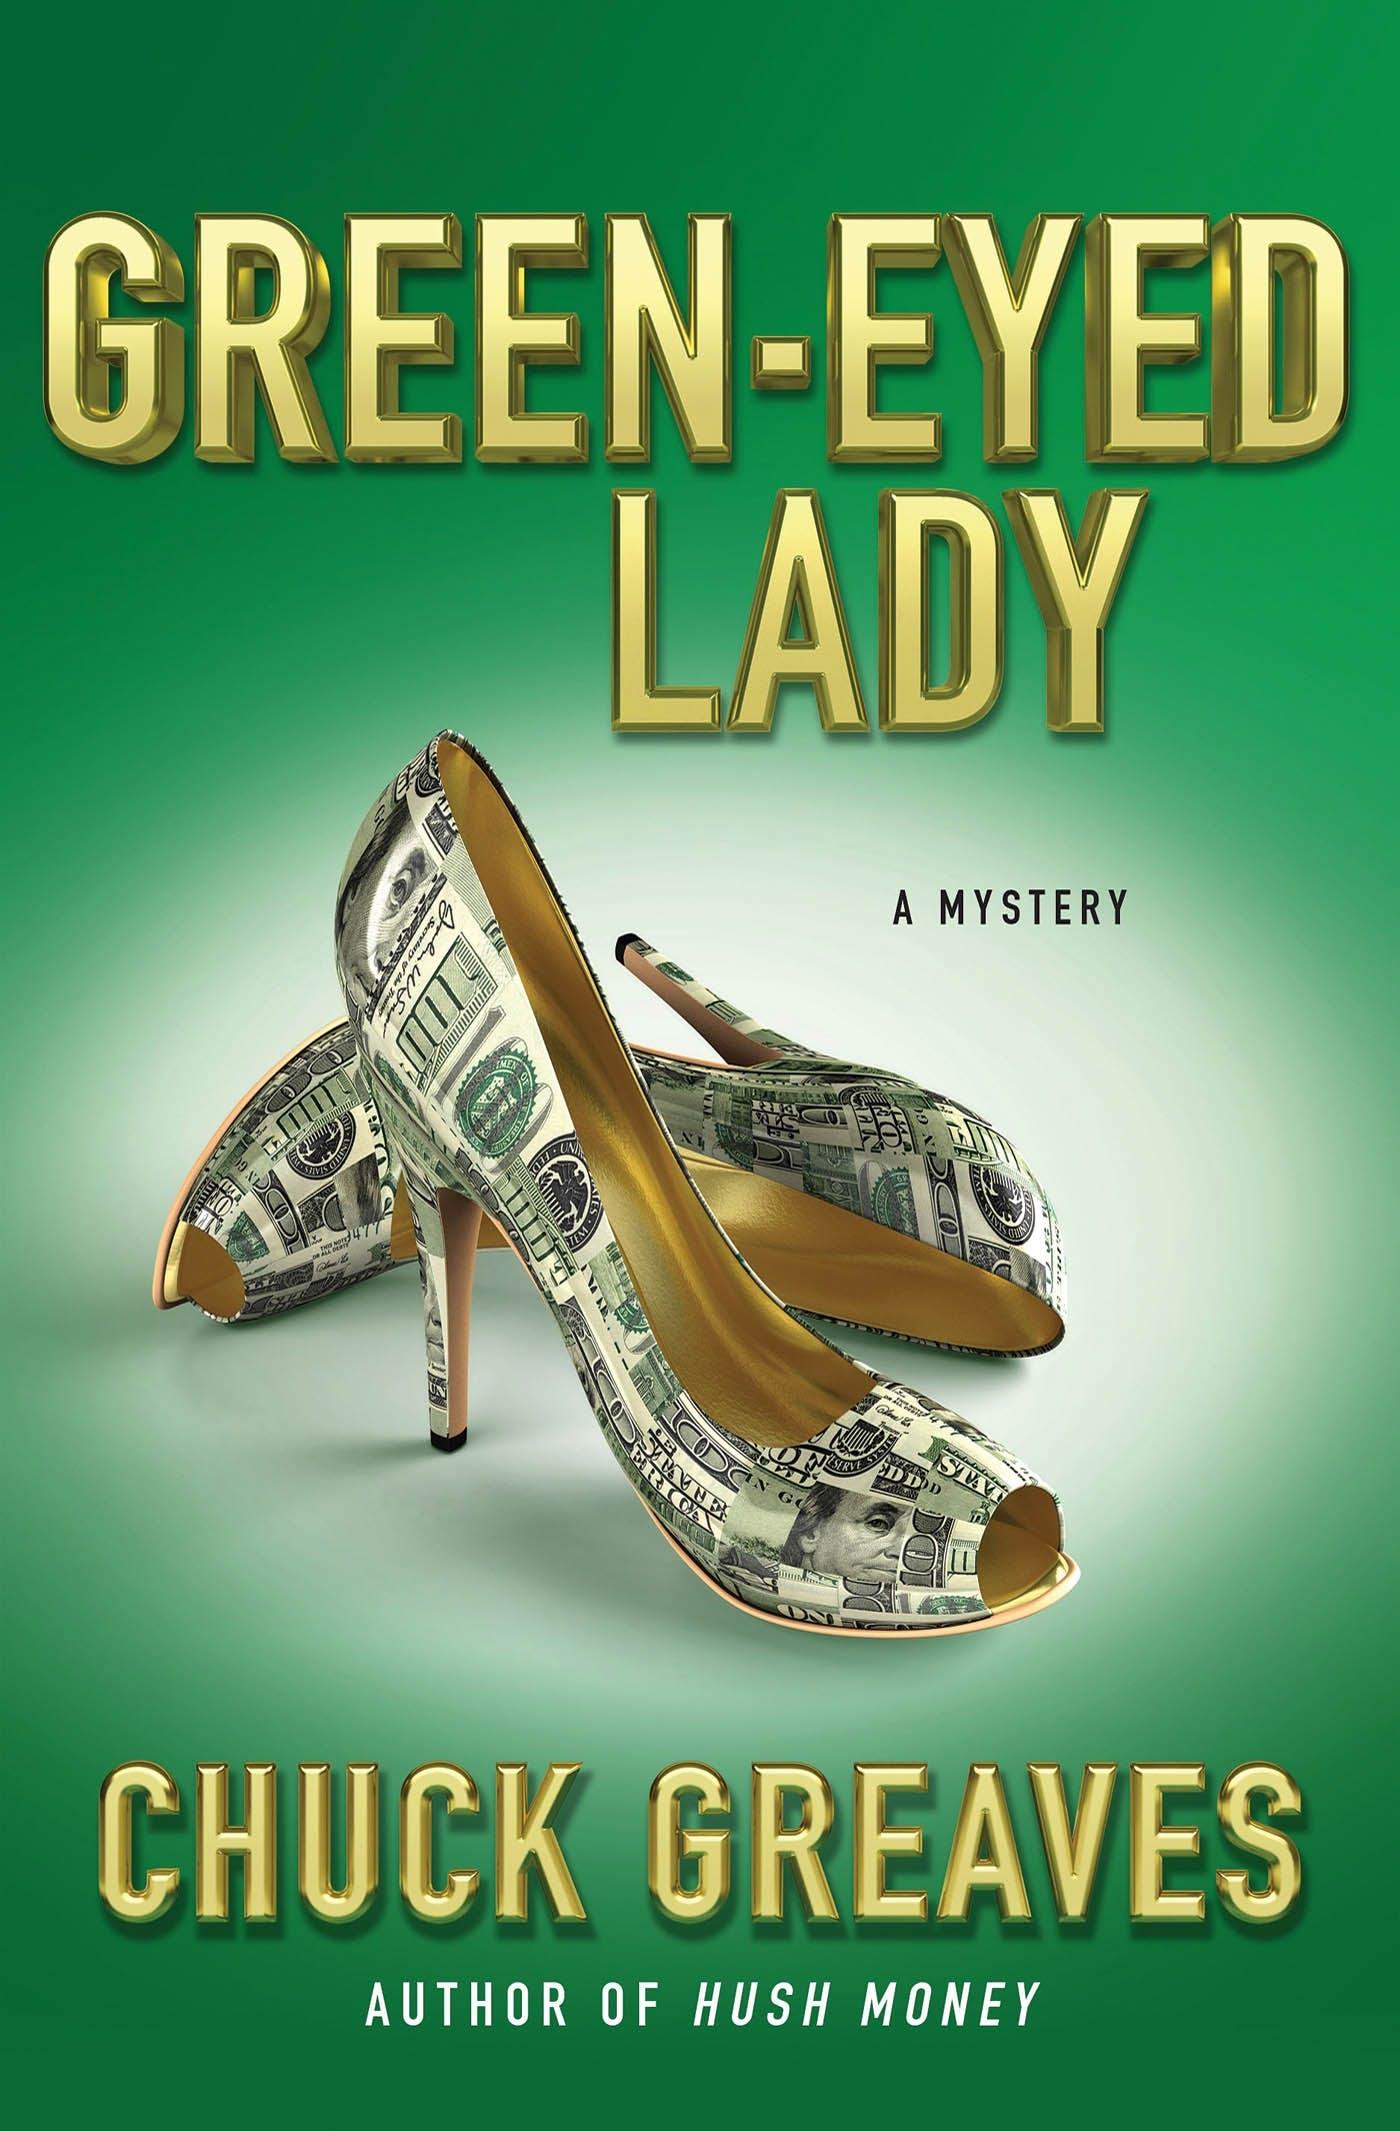 Image of Green-Eyed Lady